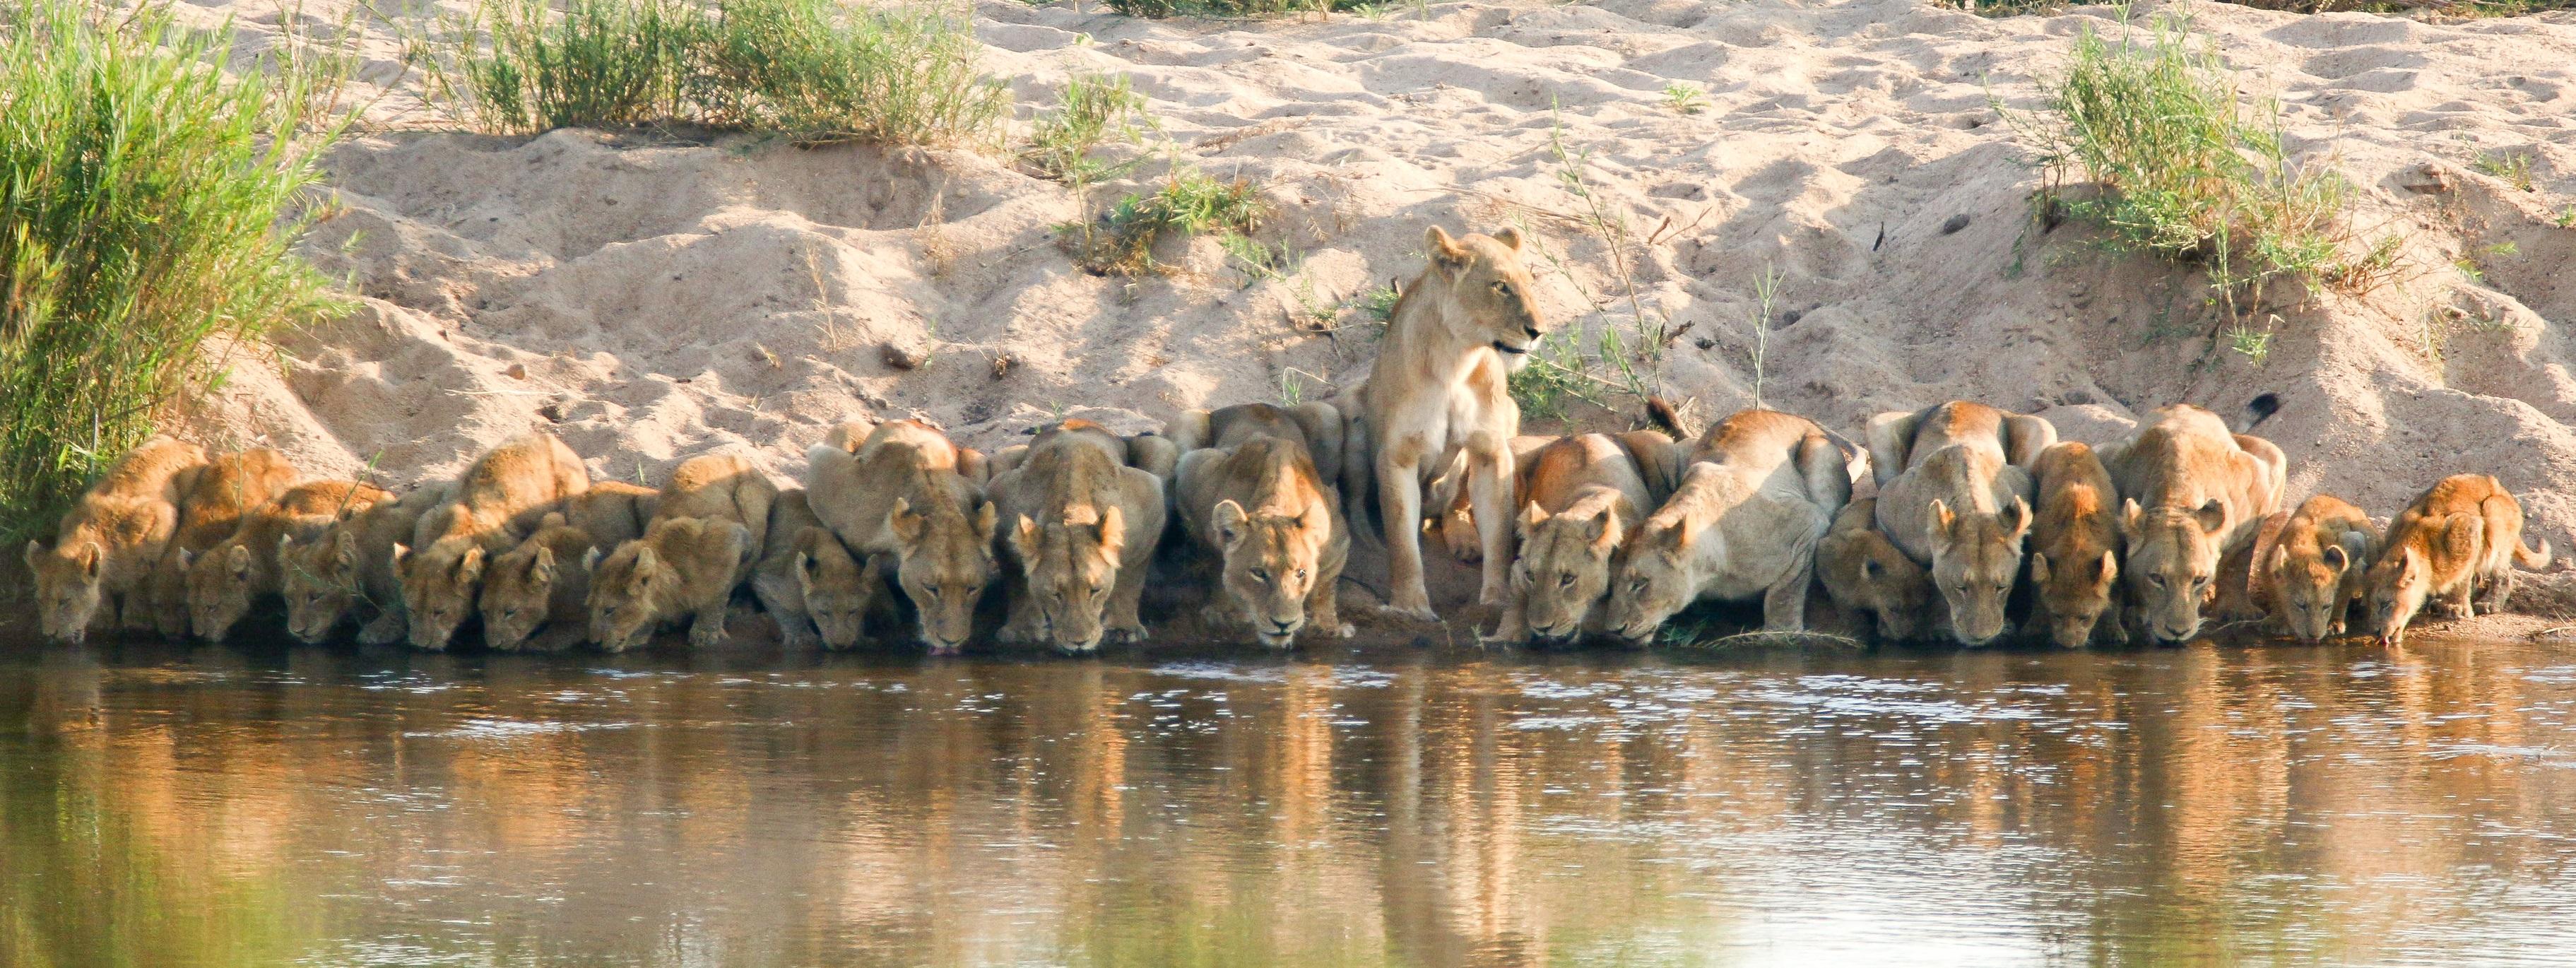 טיול  מאורגן לדרום אפריקה - במסלול מושלם מכף התקווה הטובה ועד שמורת הקרוגר פארק